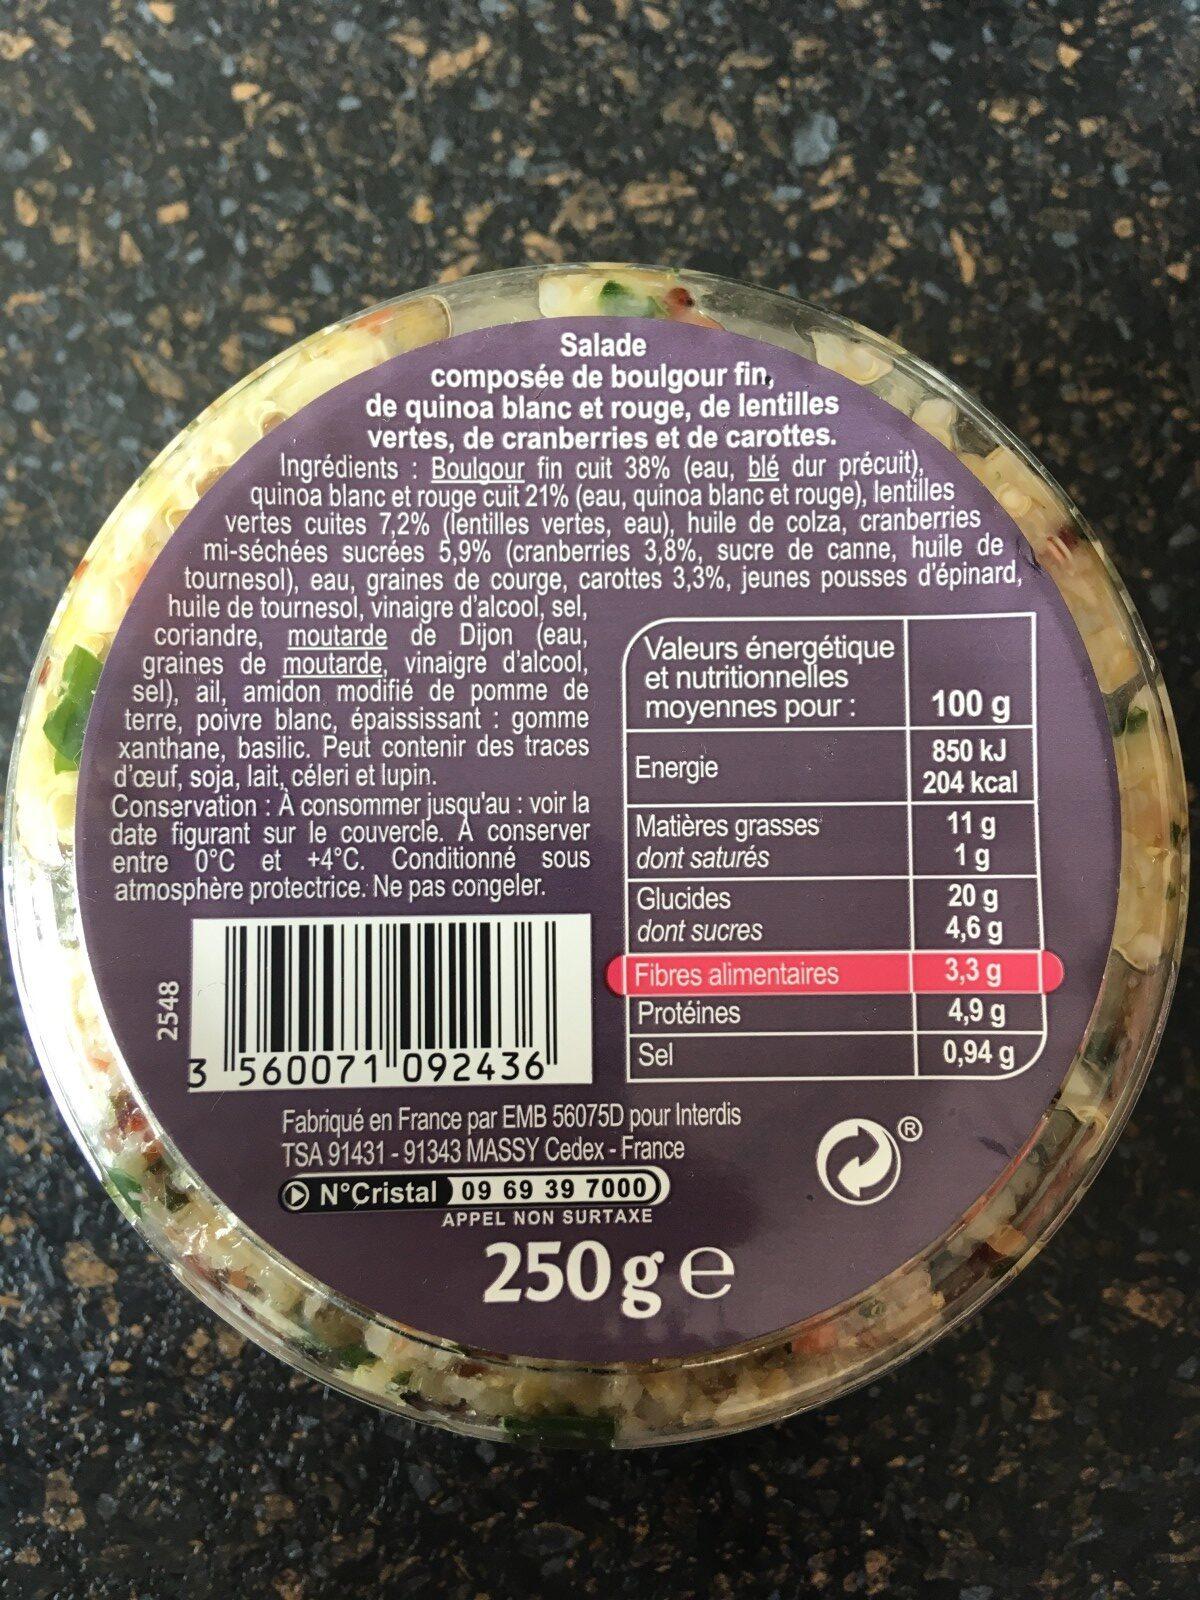 Salade Boulgour, Quinoa, Cranberries - Ingredients